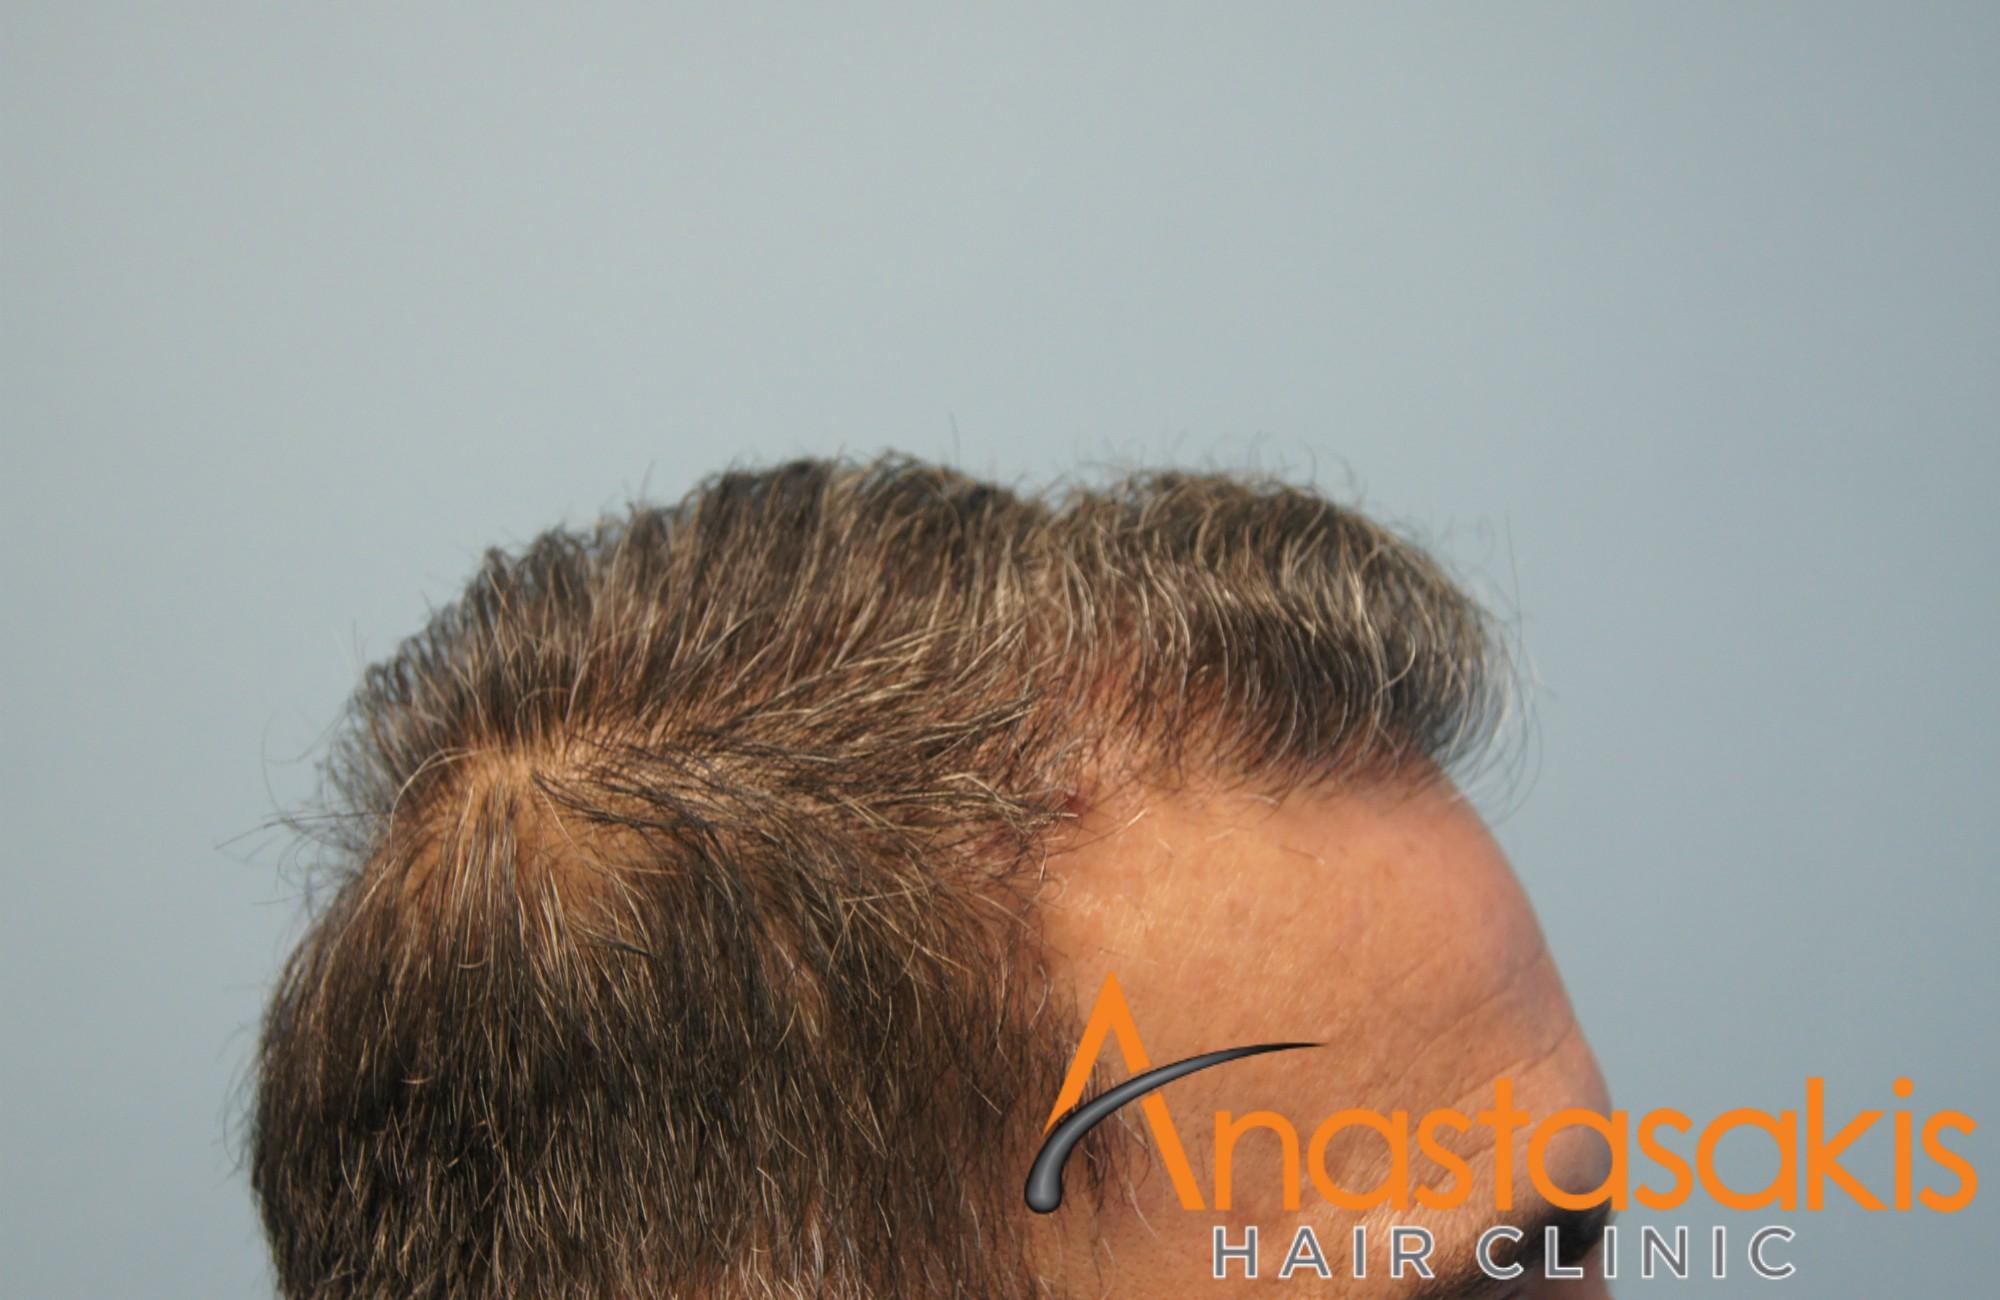 δεξι προφιλ ασθενους μετα τη μεταμοσχευση μαλλιων με 3000 fus